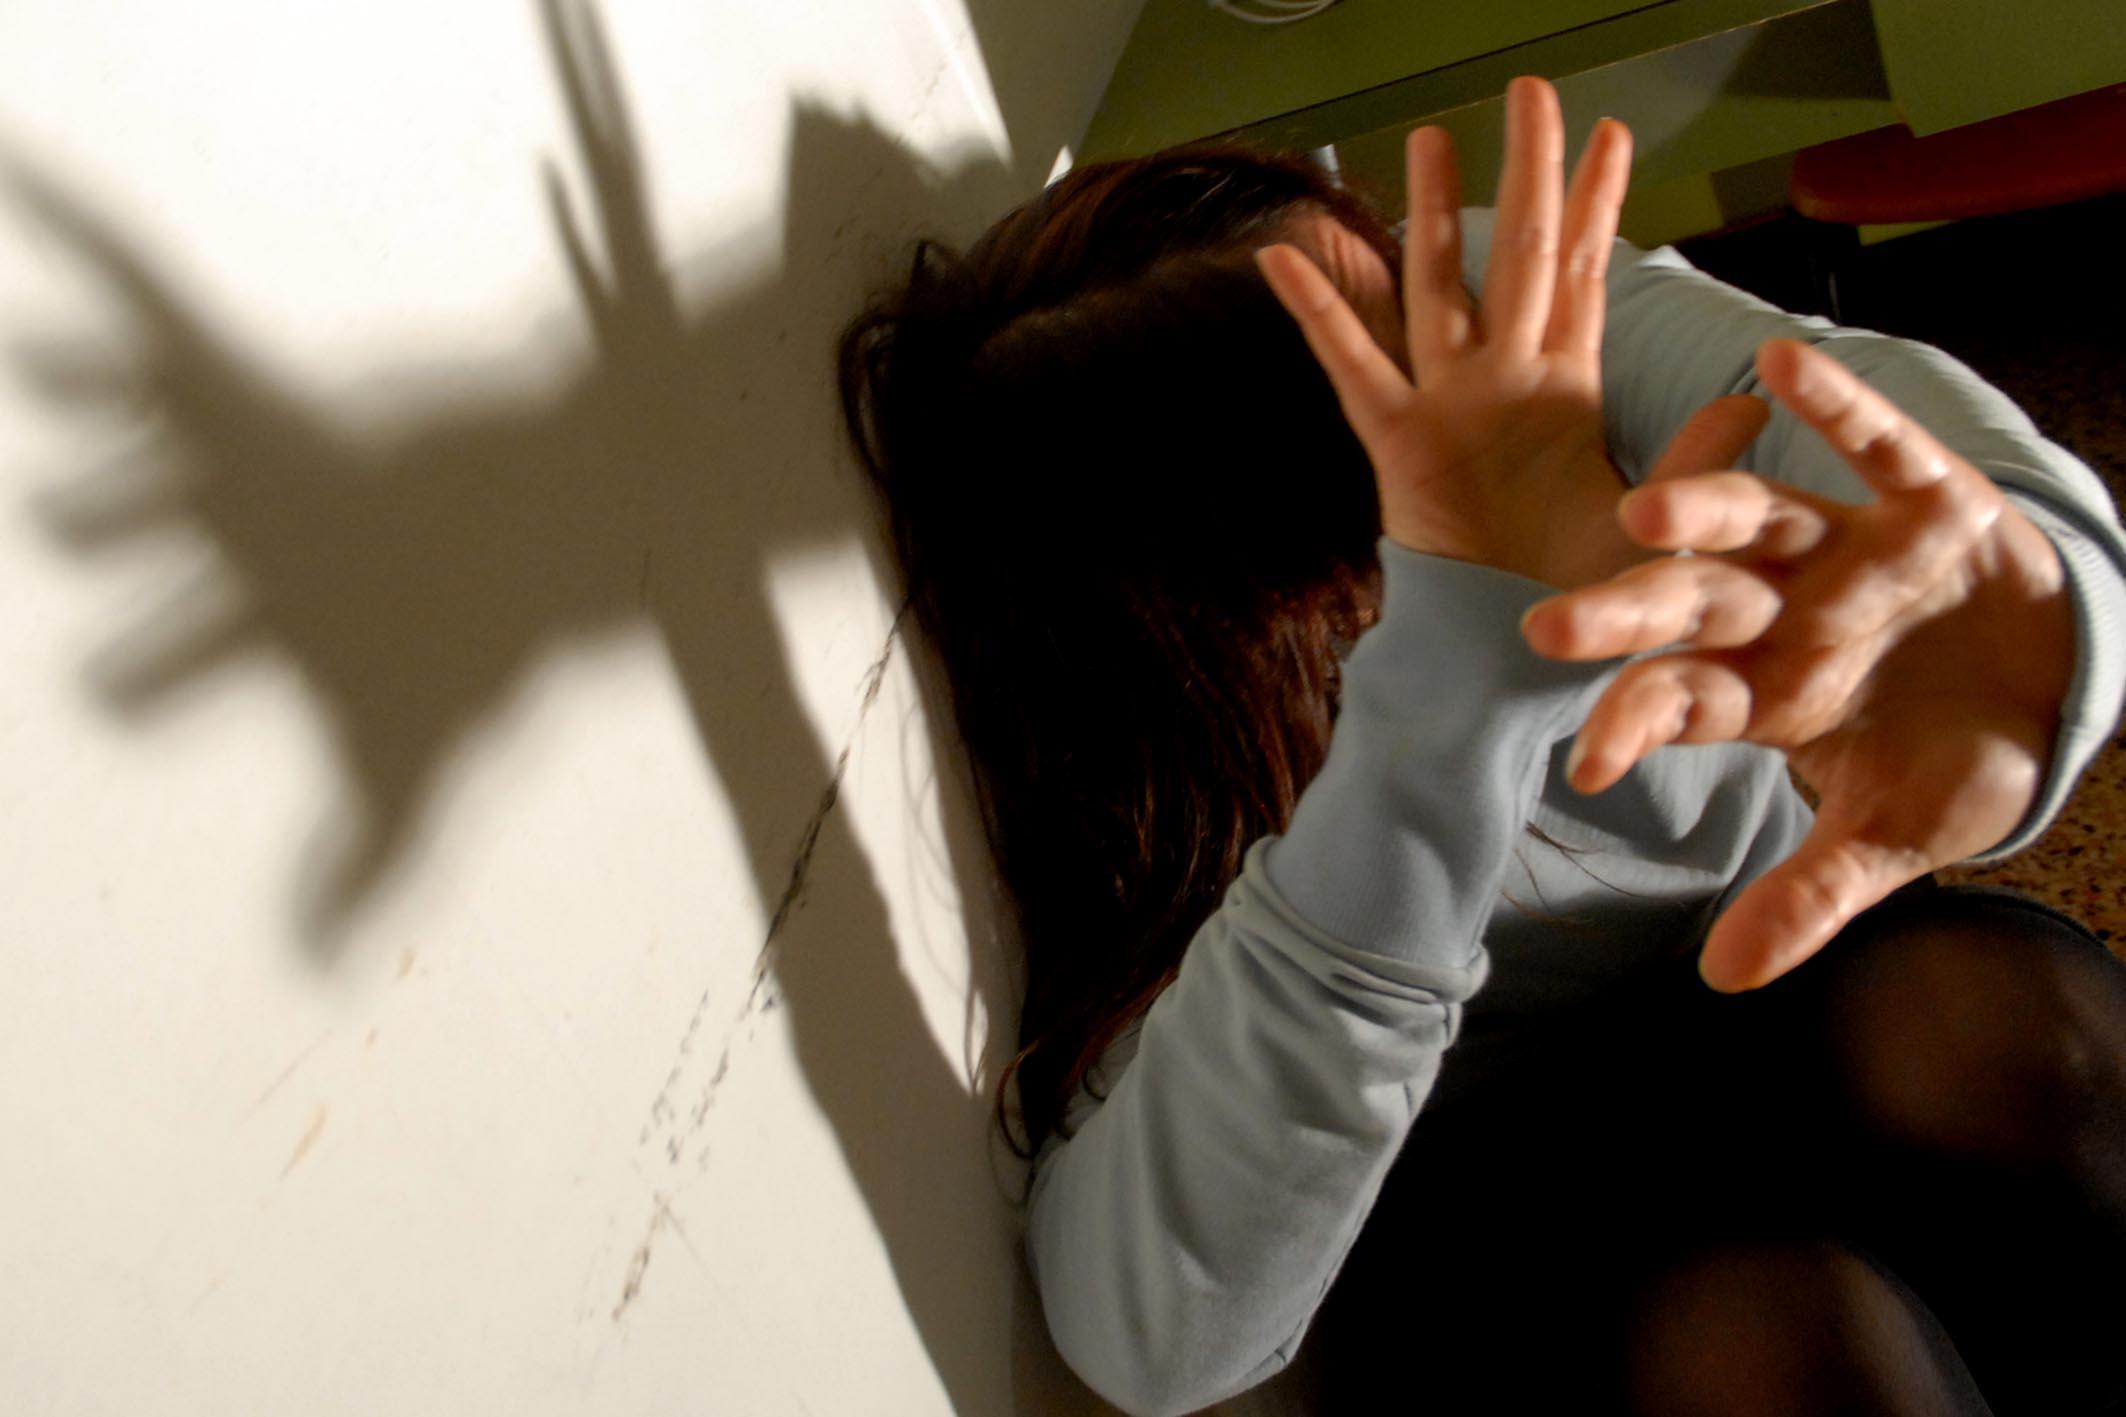 Milano: strangolata dal fidanzato in casa